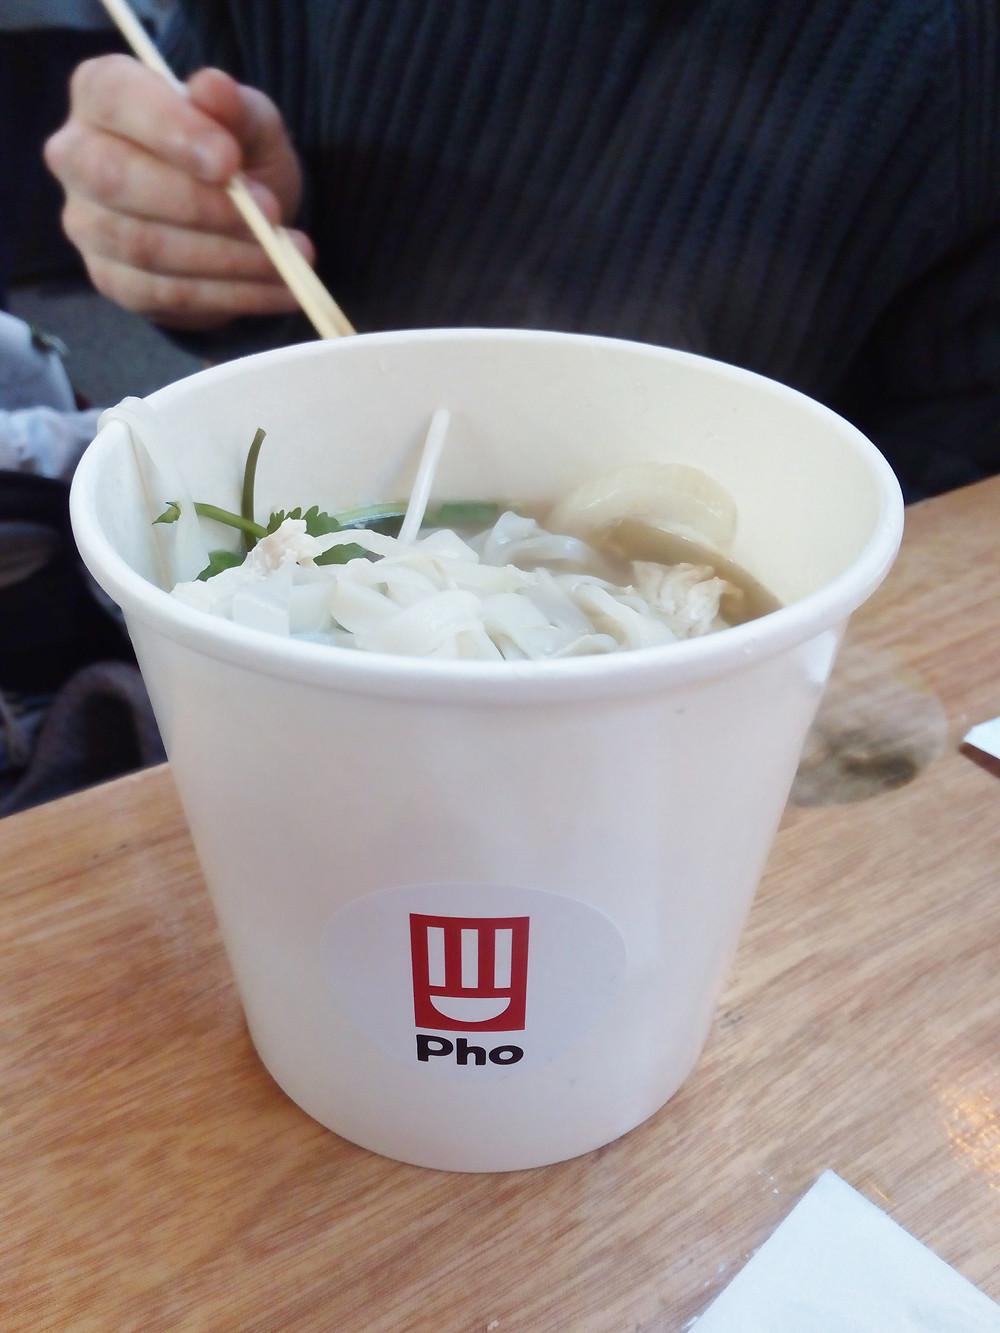 Pho gluten-free chicken noodles